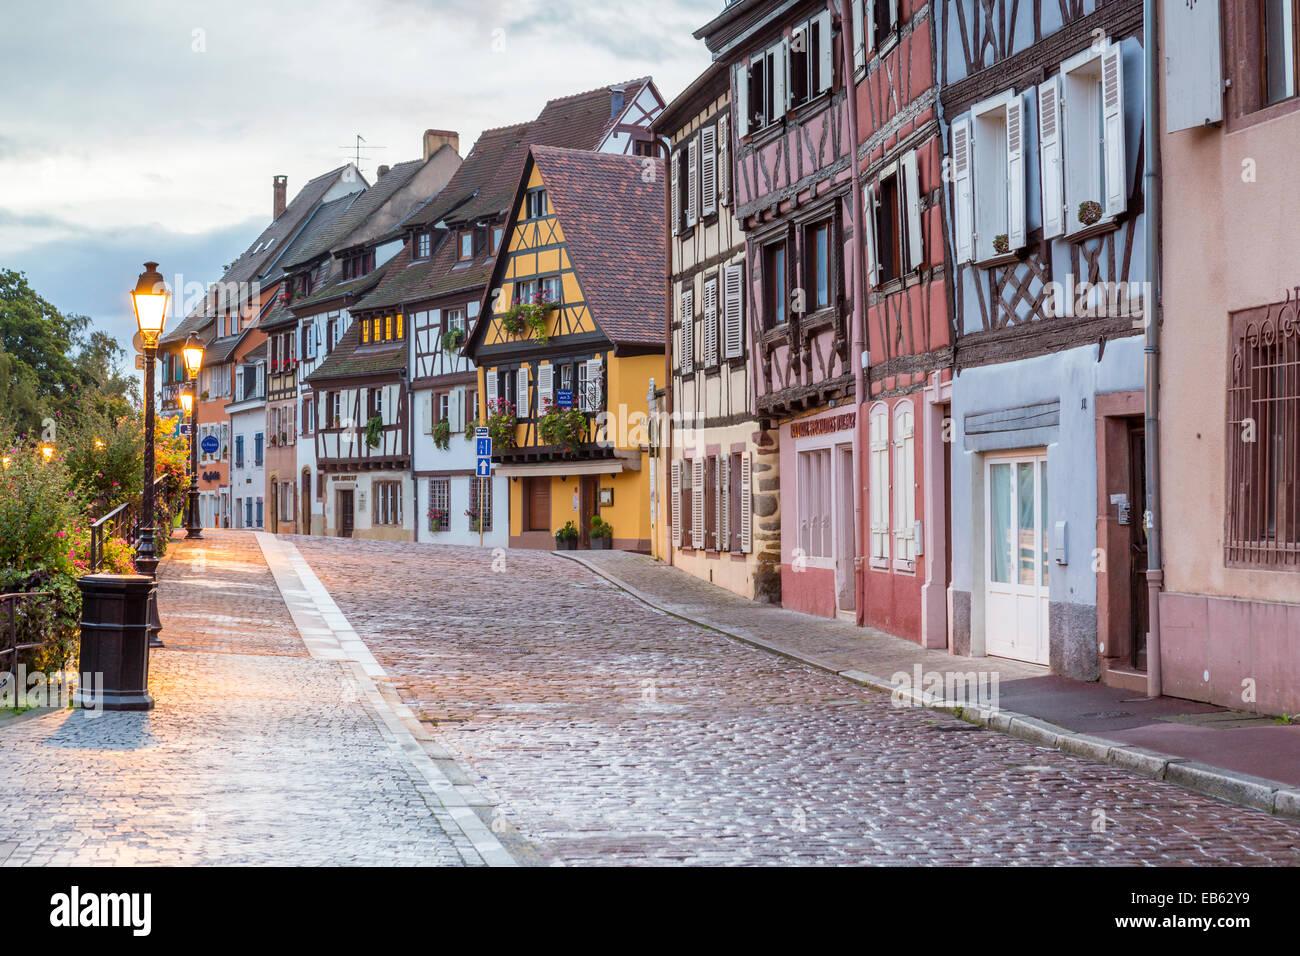 Petite Venice, Colmar, Alsace, France, Europe. - Stock Image